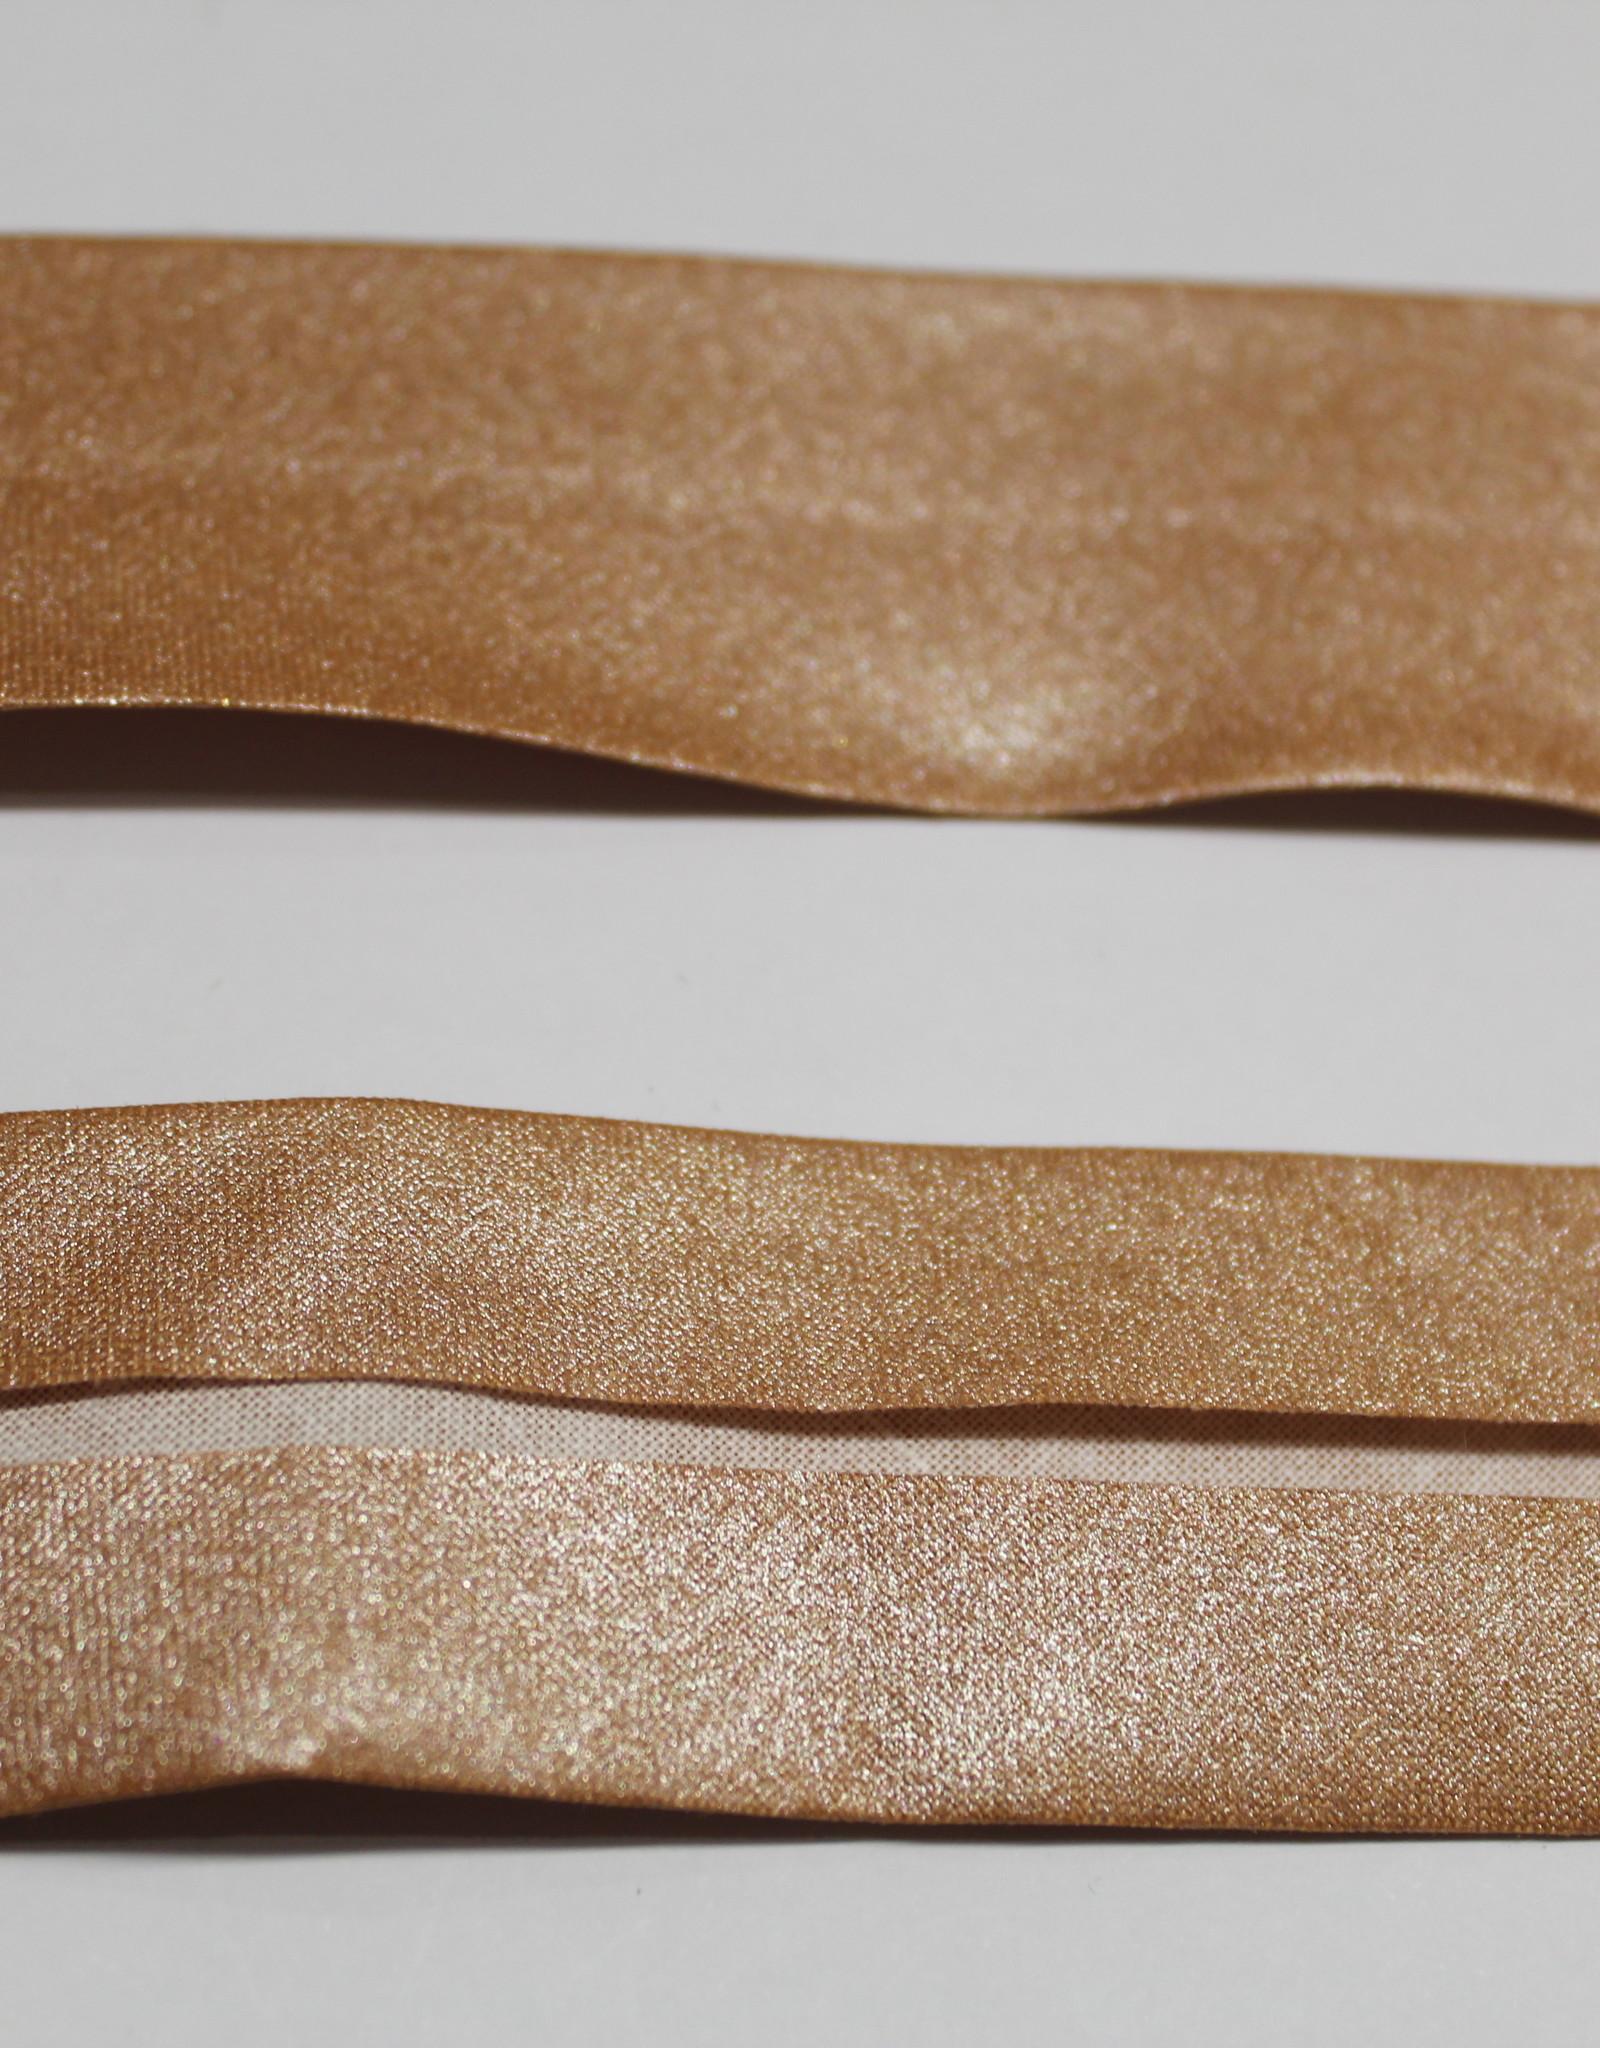 Biais metallic 30mm op rol col.86 koper